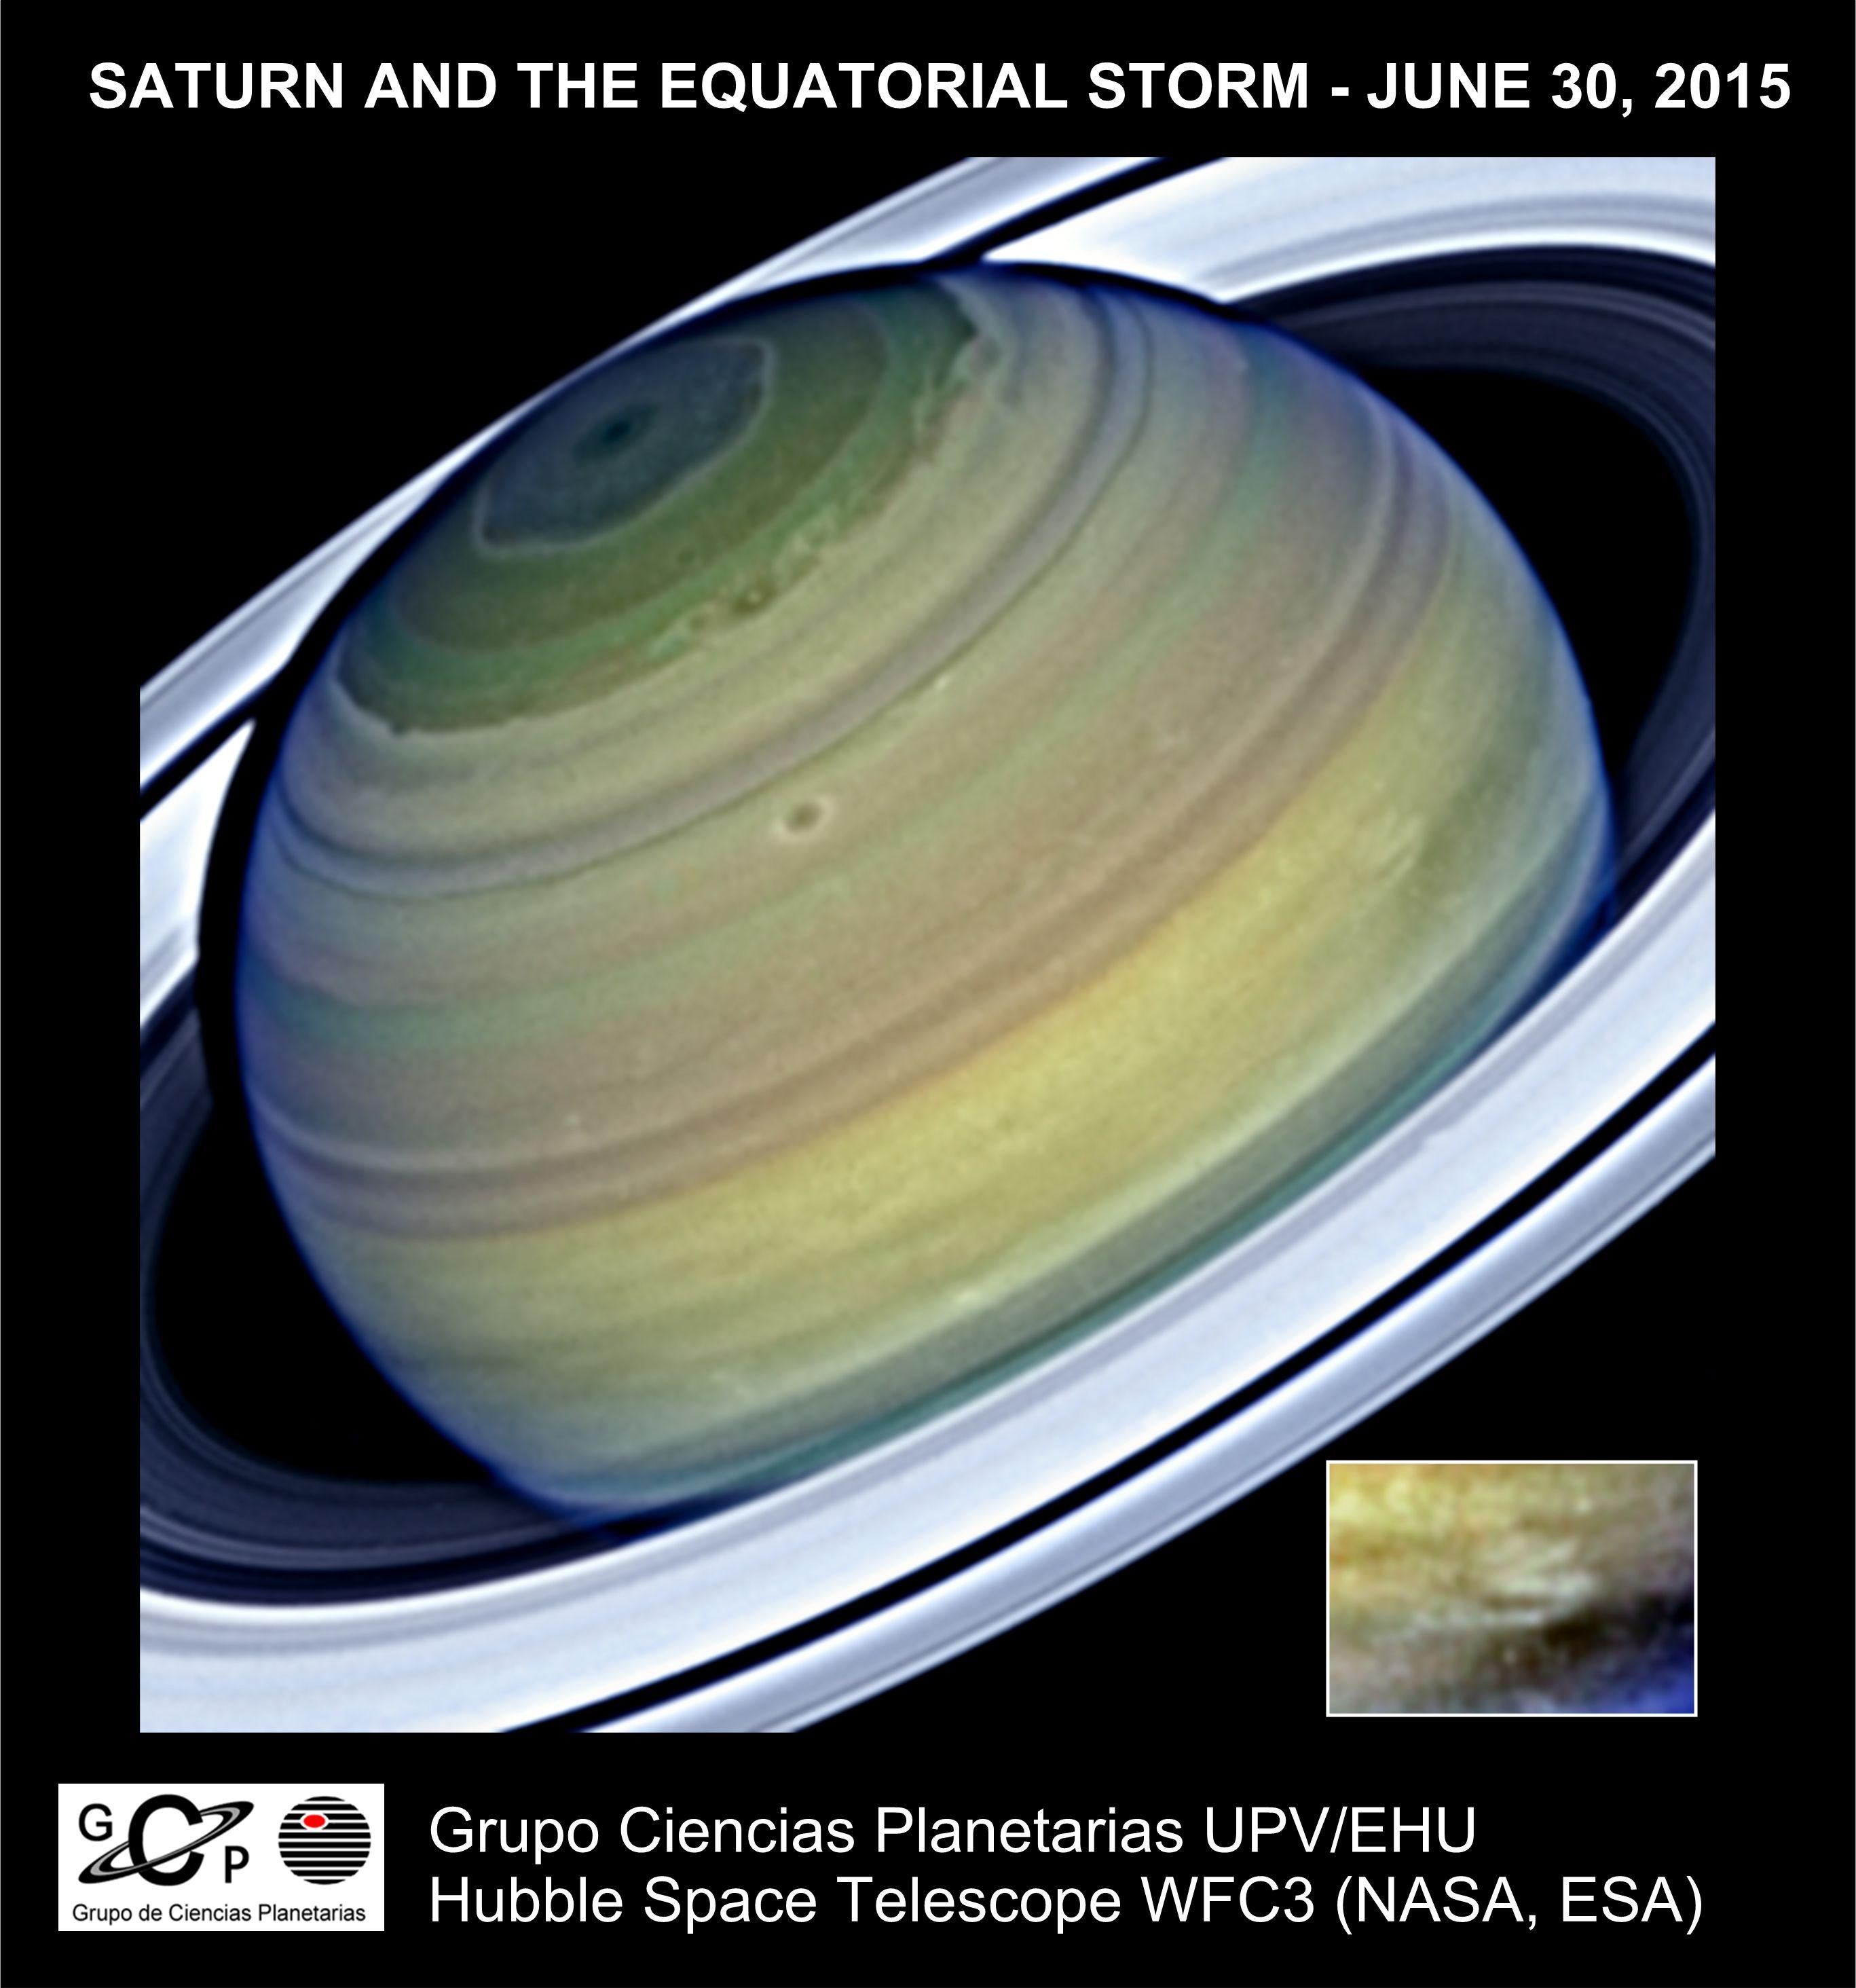 Saturno visto por el Telescopio Espacial Hubble en Junio de 2015. El detalle muestra la estructura rápida que alcanzó valores de la era Voyager. Crédito: GCP-UPV/EHU